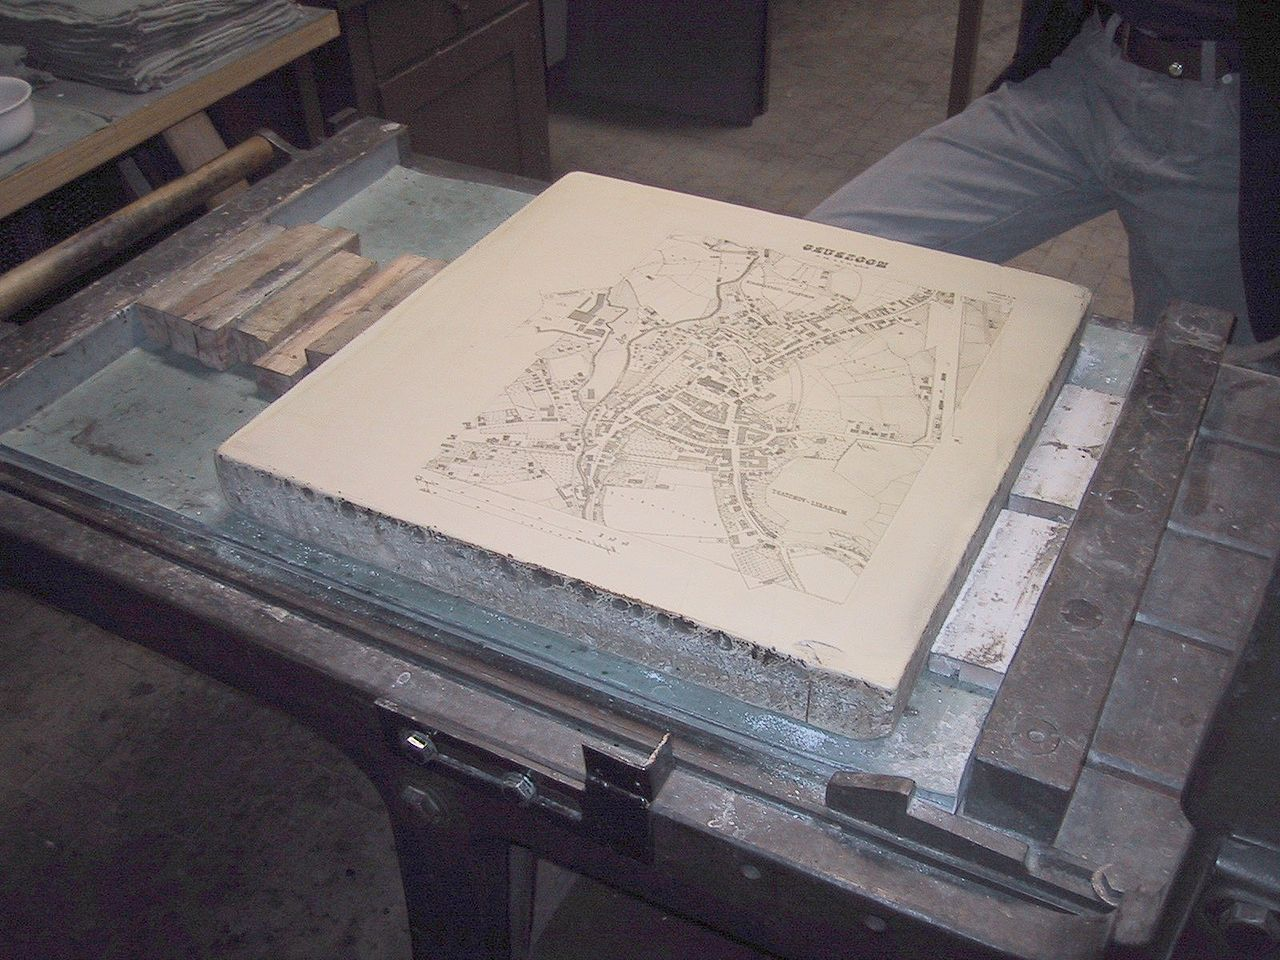 Pedra de calcário litográfica